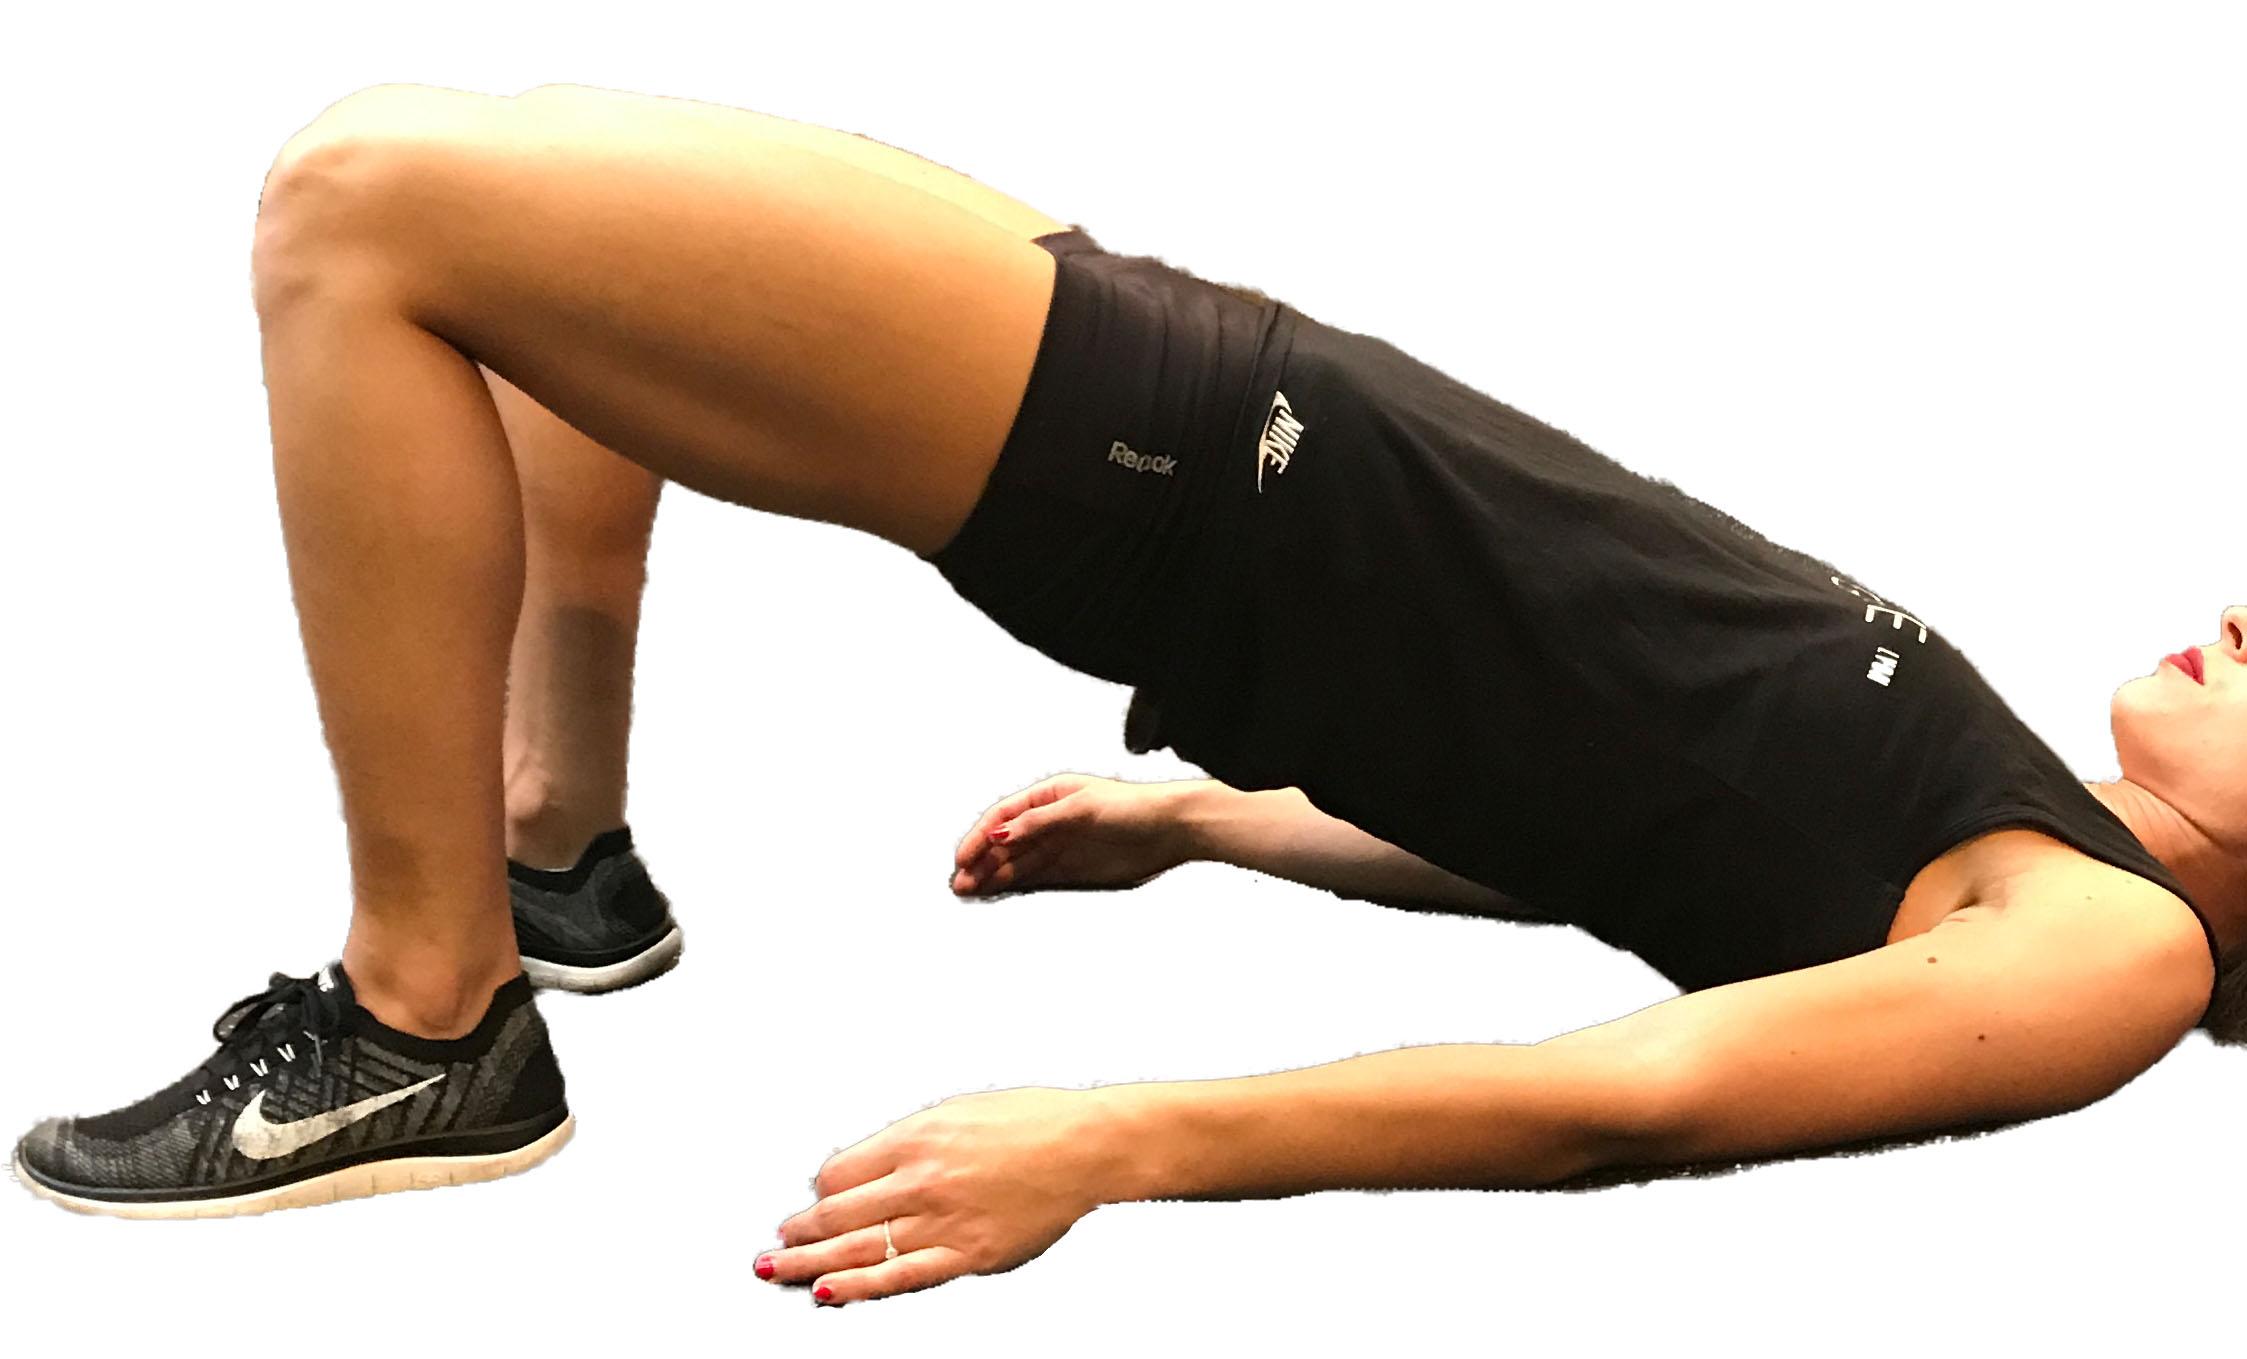 - Shoulder bridge : Allonger au sol, les genoux fléchis proches des fessiers et les pieds écartés (largeur de bassin), montez les fesses le plus haut possible, maintenez 3 à 5 secondes la position en poussant fit sur les talons puis contrôlez la descente.